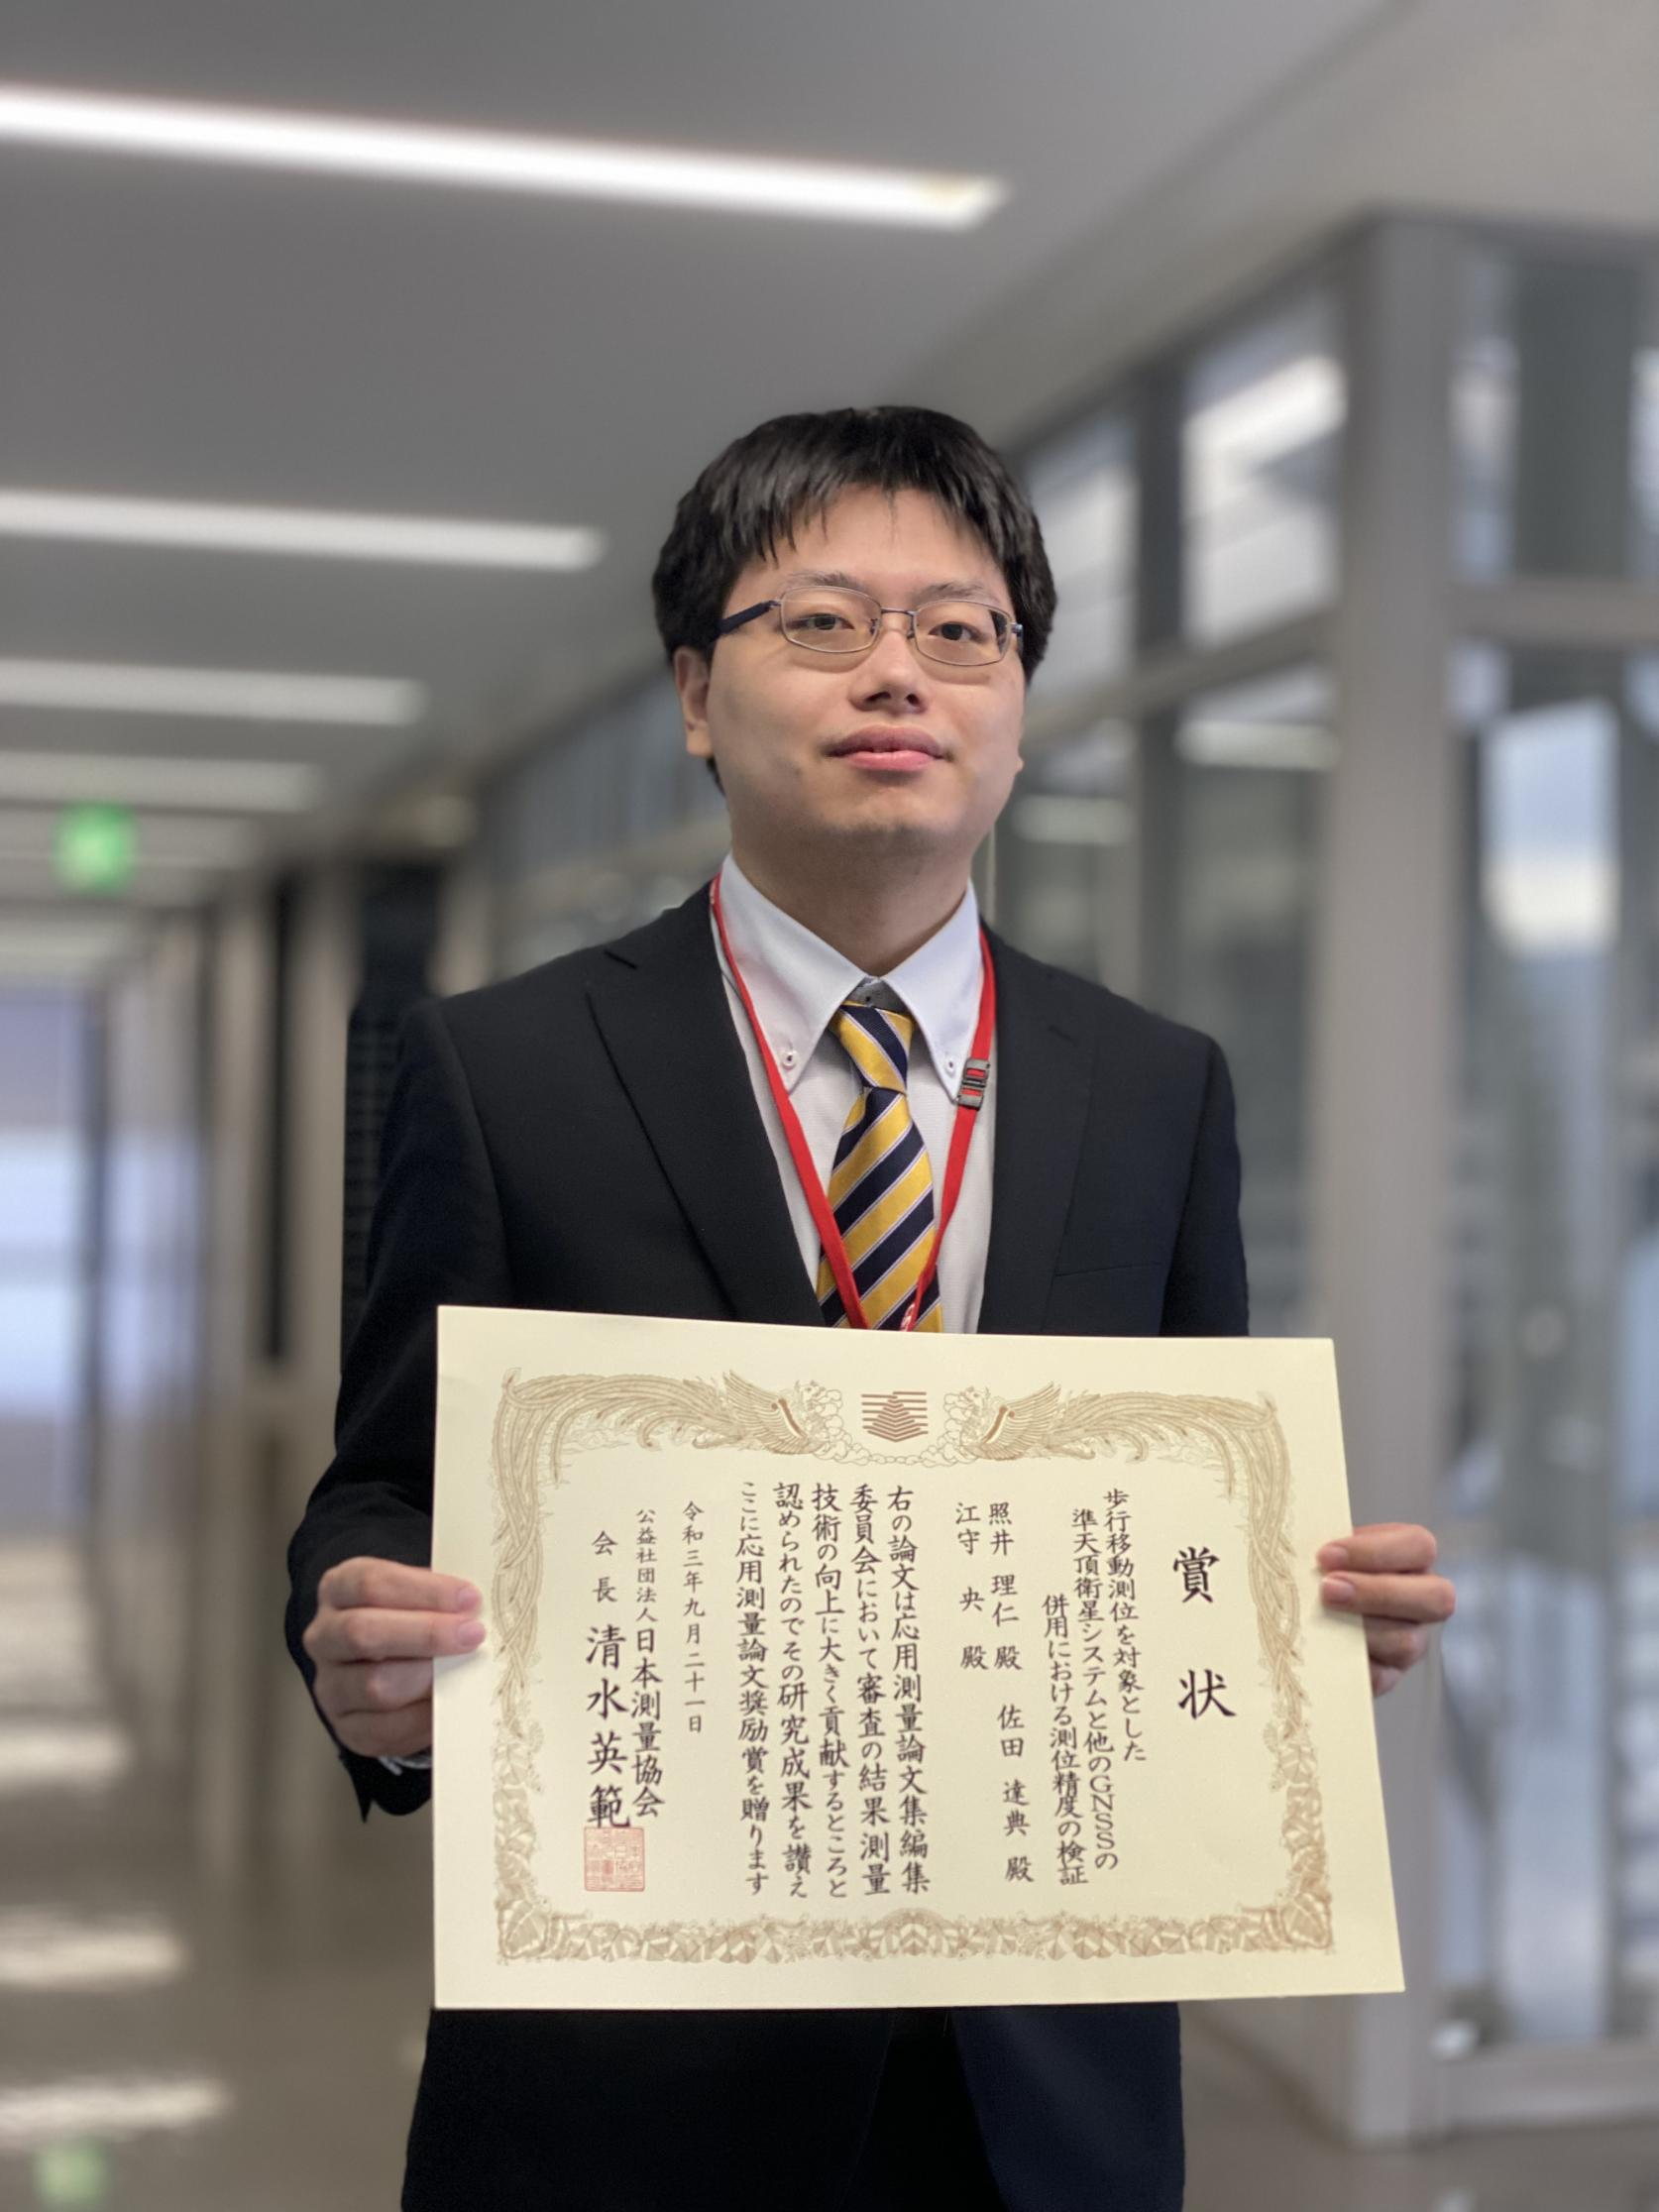 交通システム工学専攻博士前期課程2年の照井理仁さんが、公益社団法人日本測量協会主催の2021年「応用測量論文奨励賞」を受賞しました。